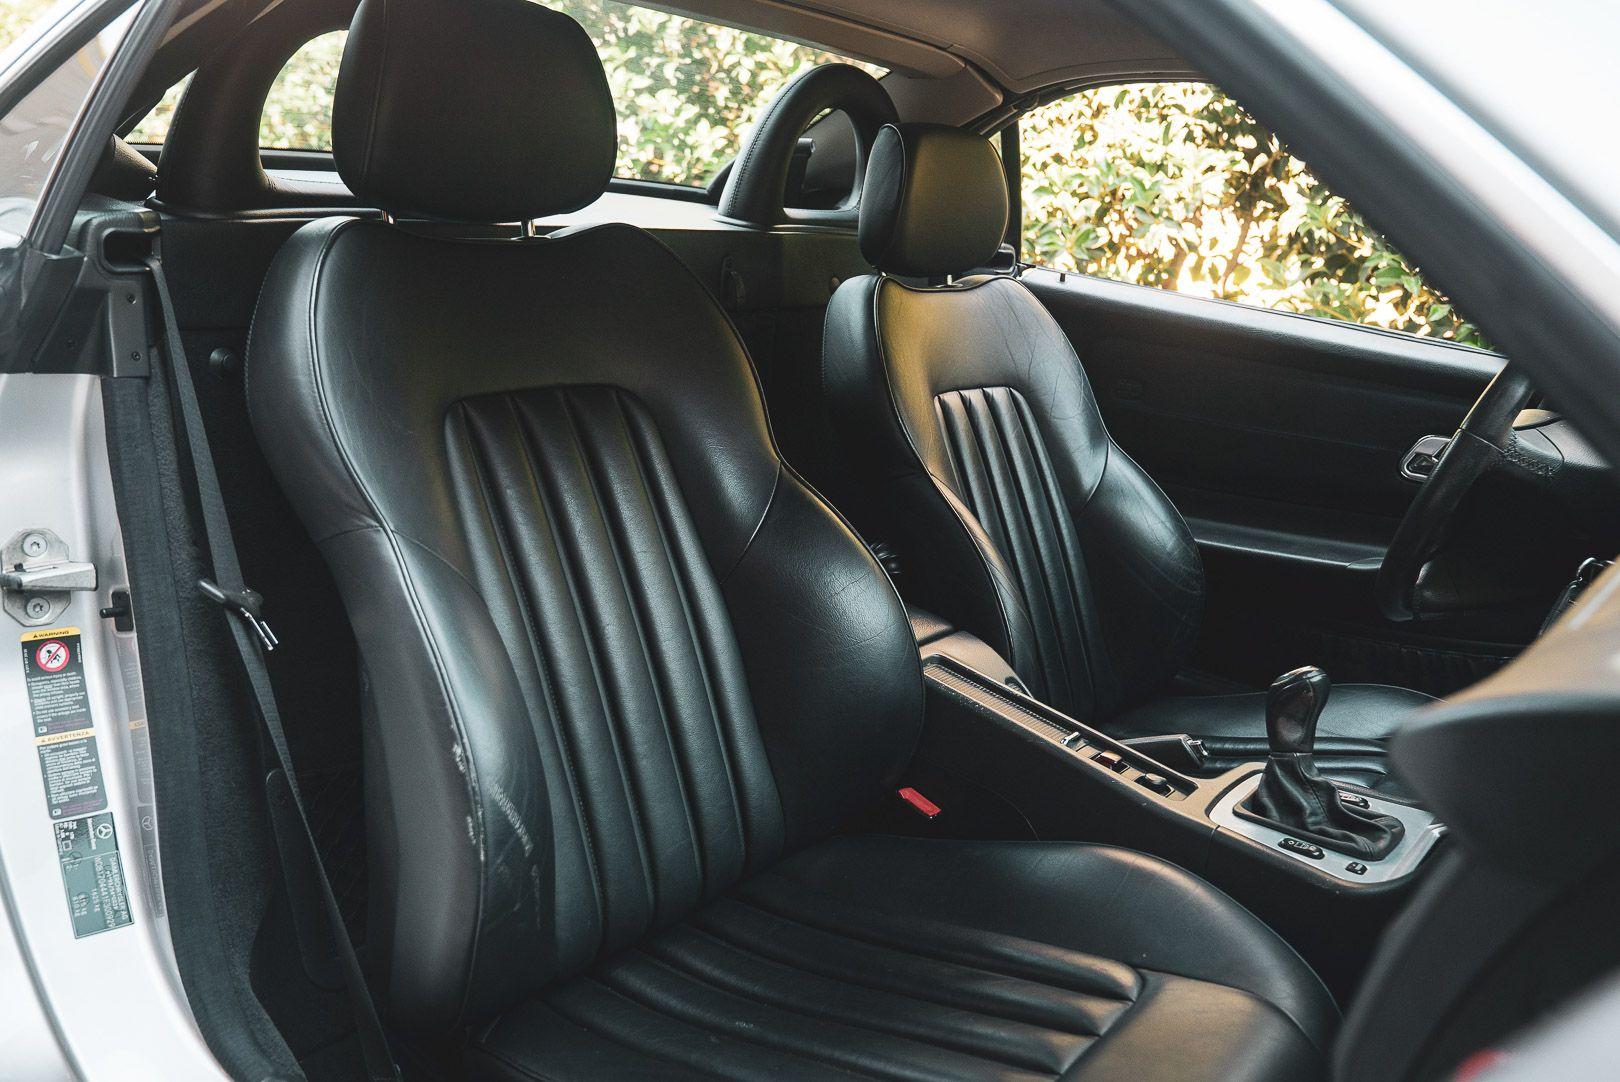 2004 Mercedes Benz 200 SLK Kompressor Special Edition 80753